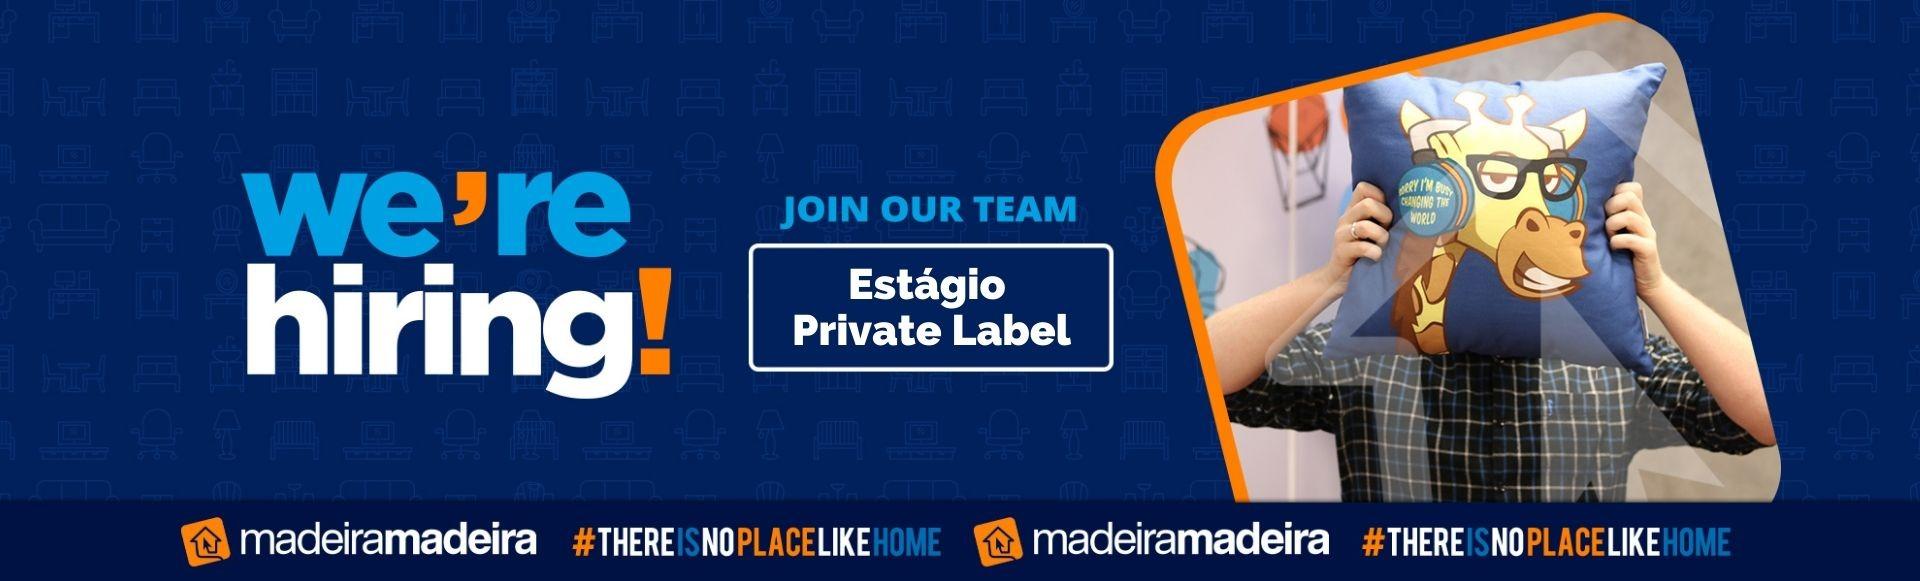 Estágio Private Label